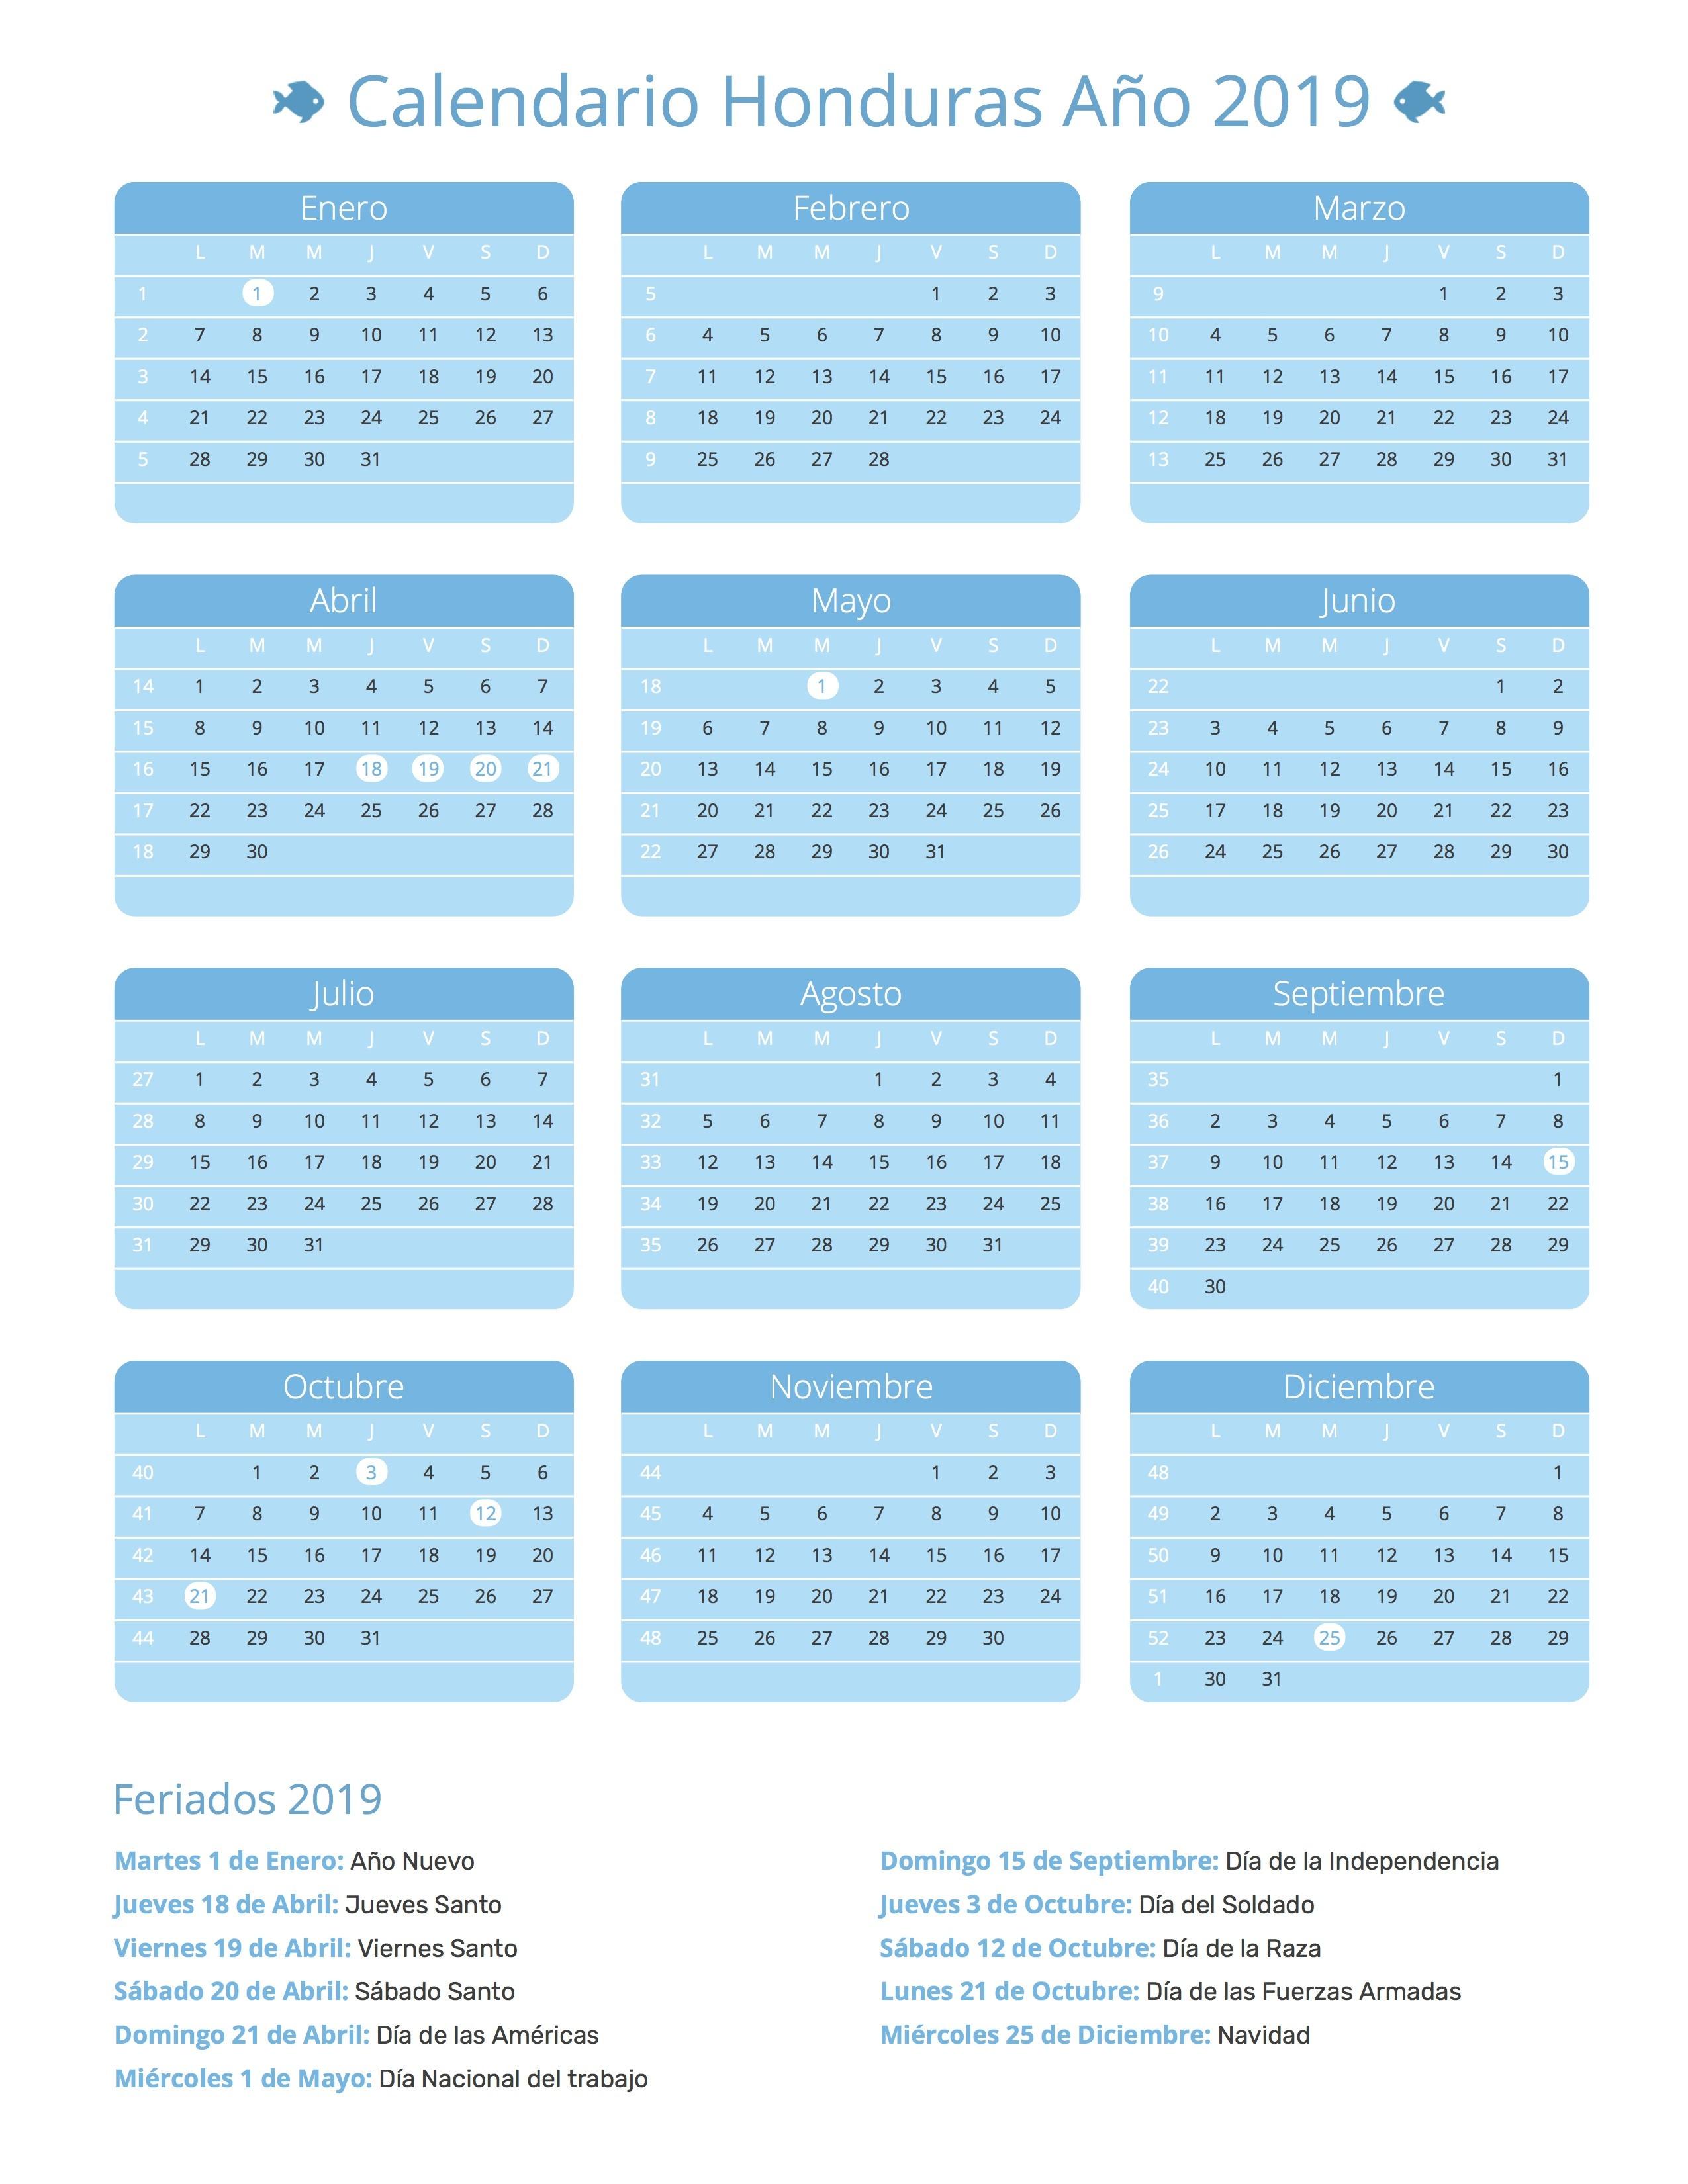 Index of print calendario agua 2019